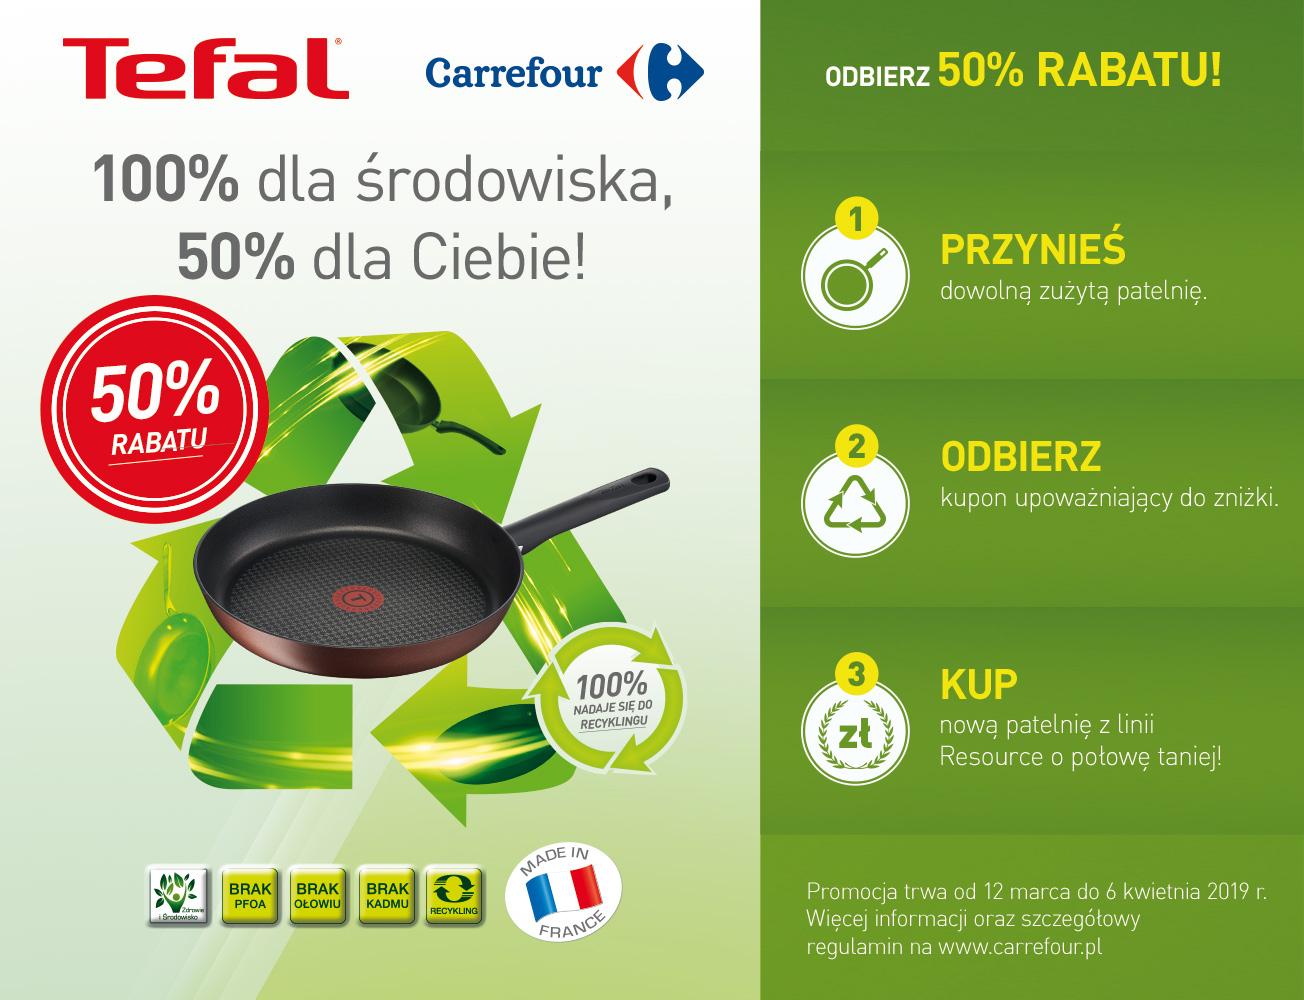 Przynieś zużytą patelnię i odbierz 50% zniżki na patelnię Tefal @ Carrefour